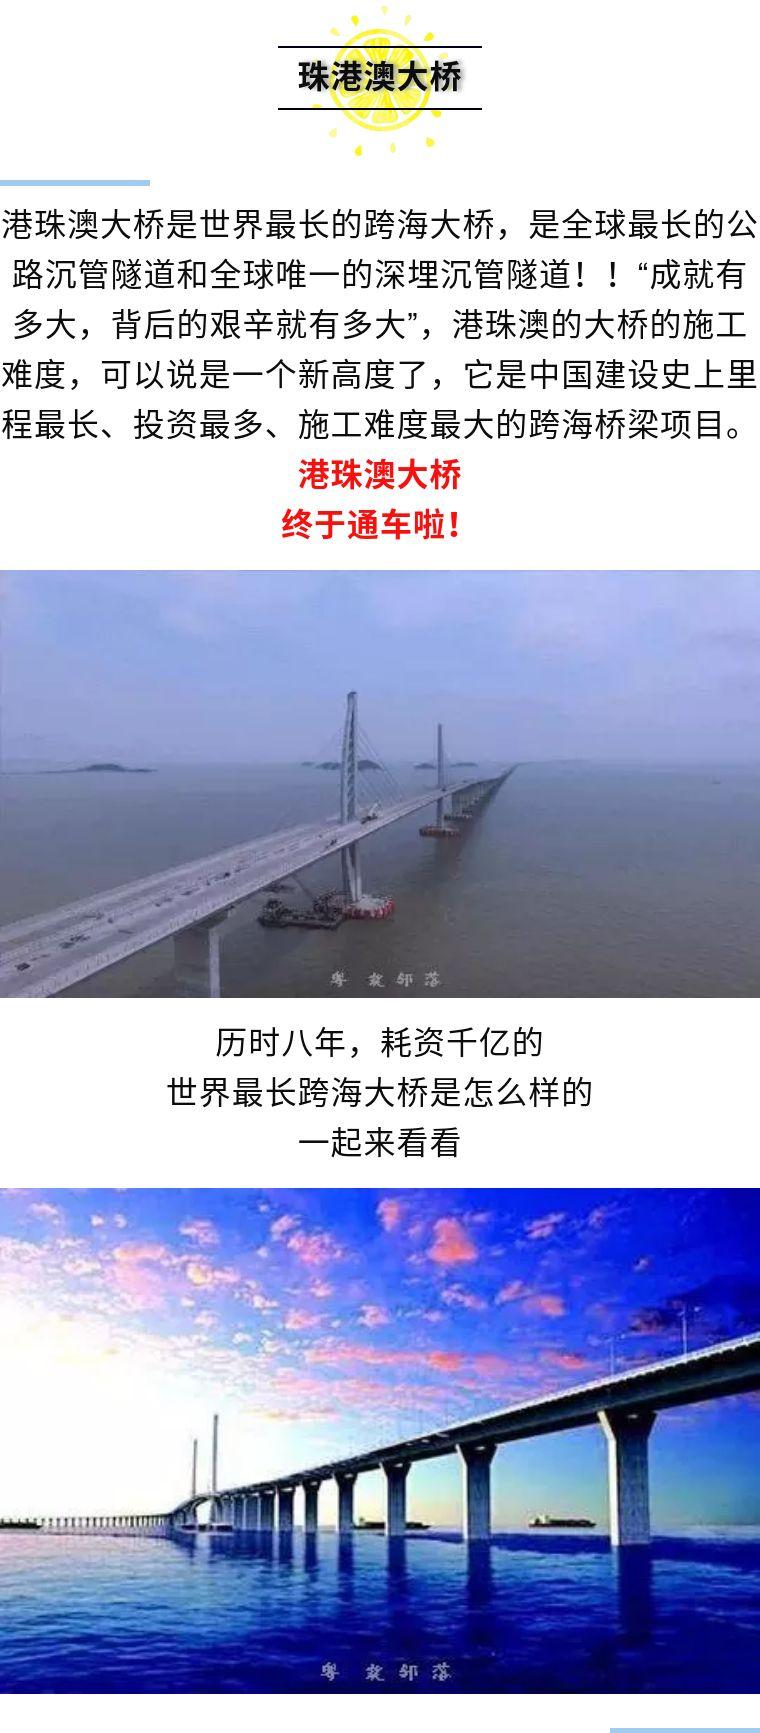 (1)【珠港澳大桥】2.16/17 周末两天 船游世界最长的跨海大桥,圆明新园赏奇观-户外活动图-驼铃网